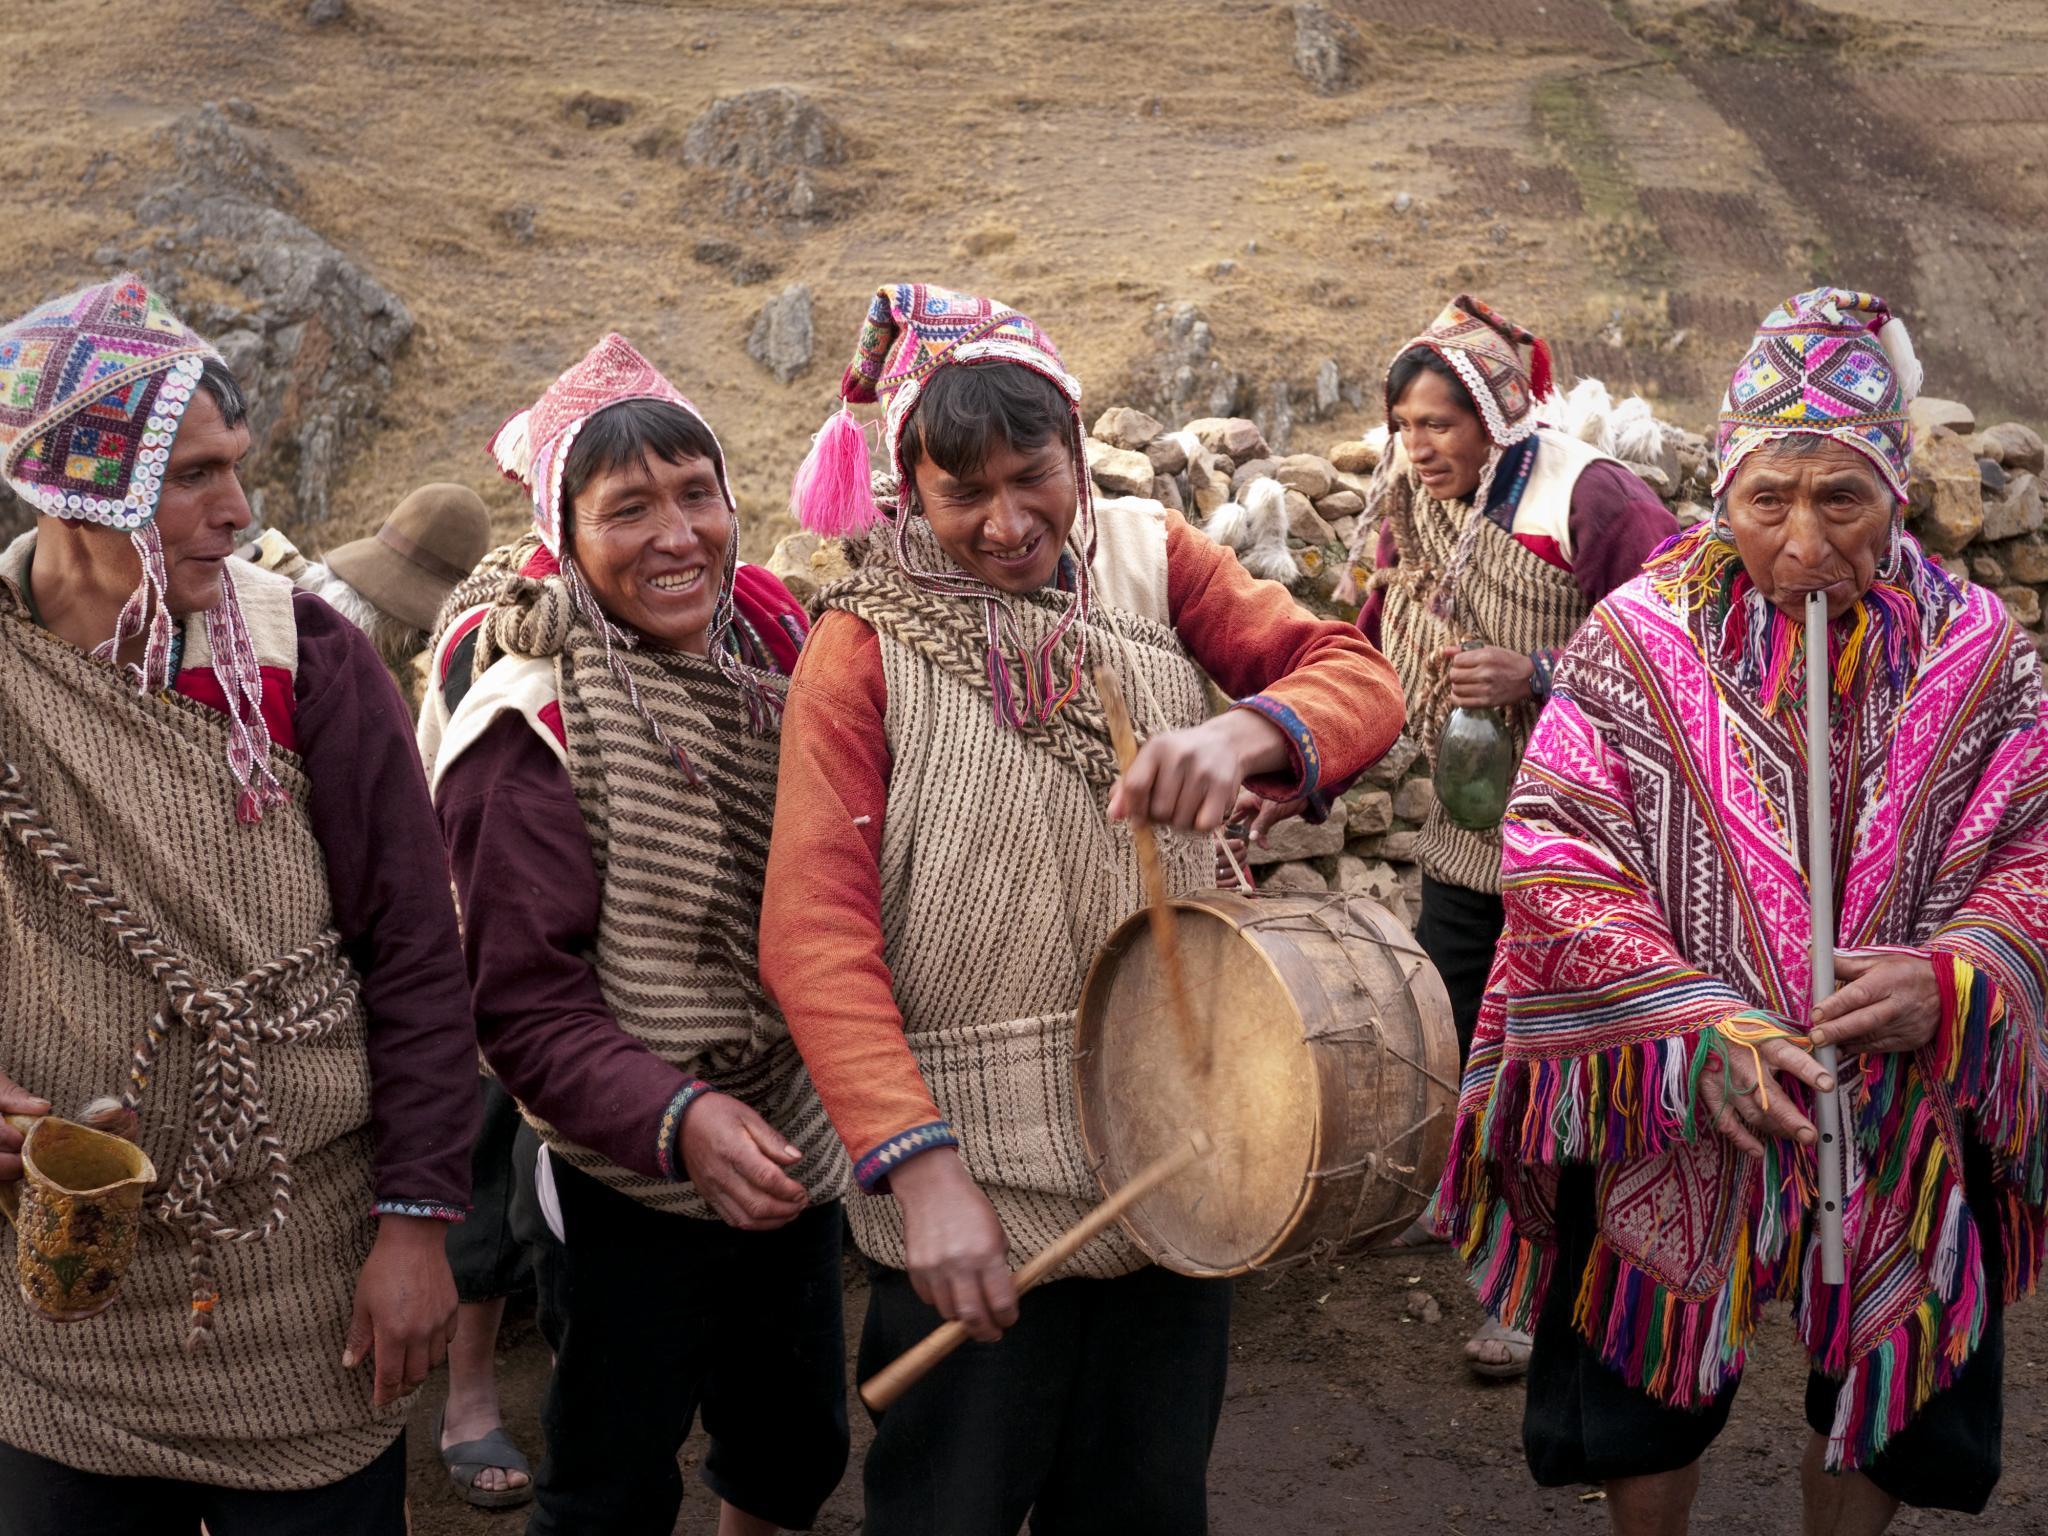 music de peru Peruvian music Peru running retreat by Aire Libre